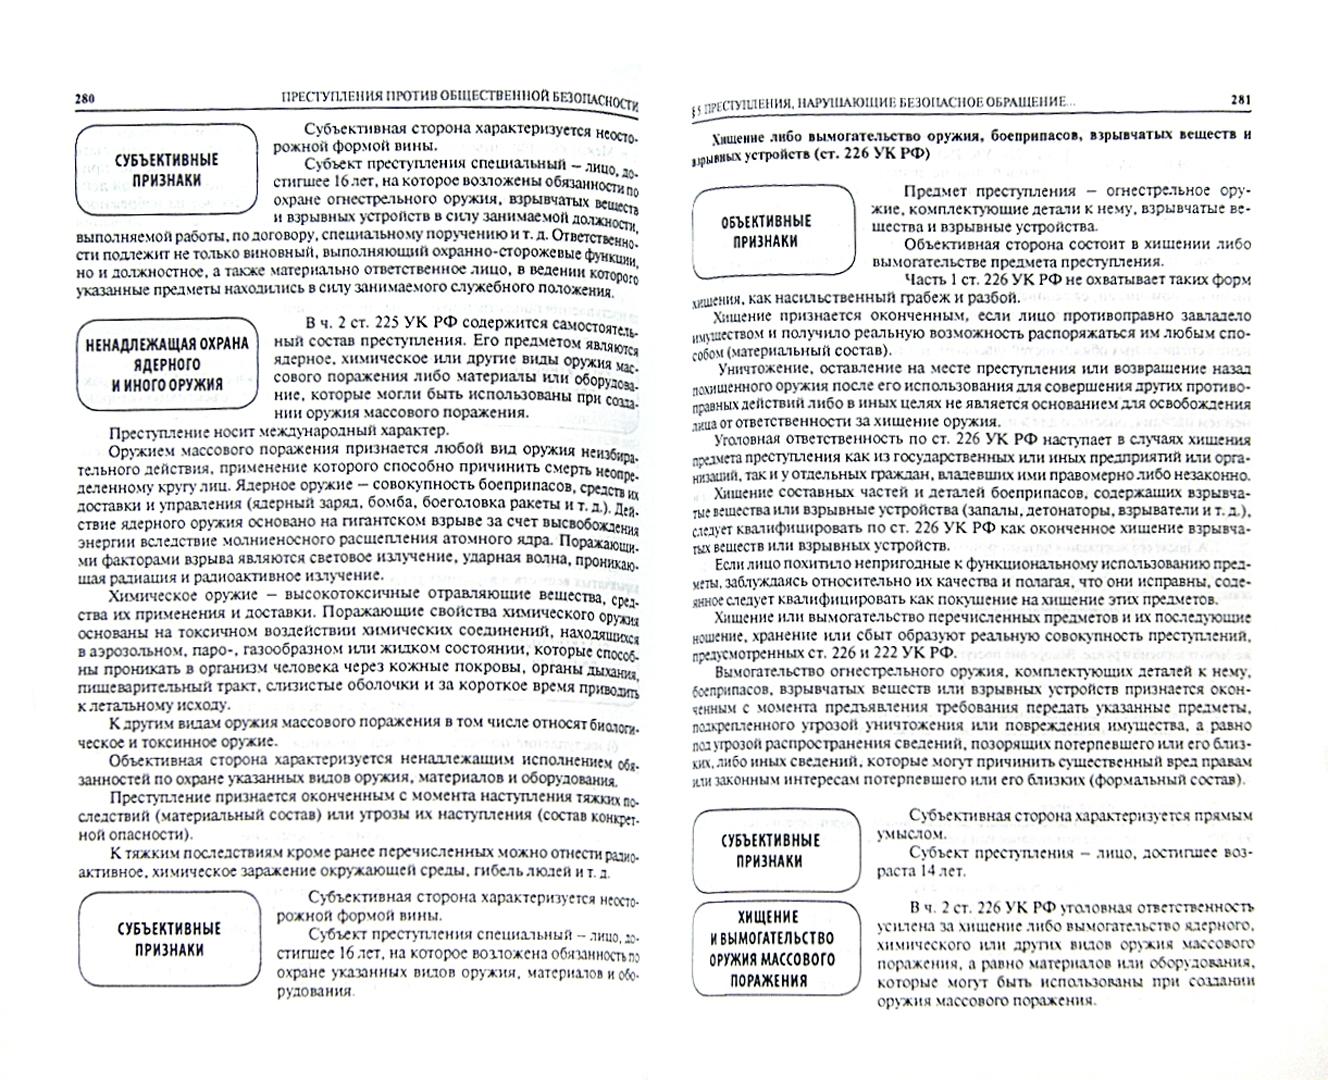 Иллюстрация 1 из 5 для Уголовное право. Особенная часть. Учебник для бакалавров - Грачева, Есаков, Корнеева   Лабиринт - книги. Источник: Лабиринт